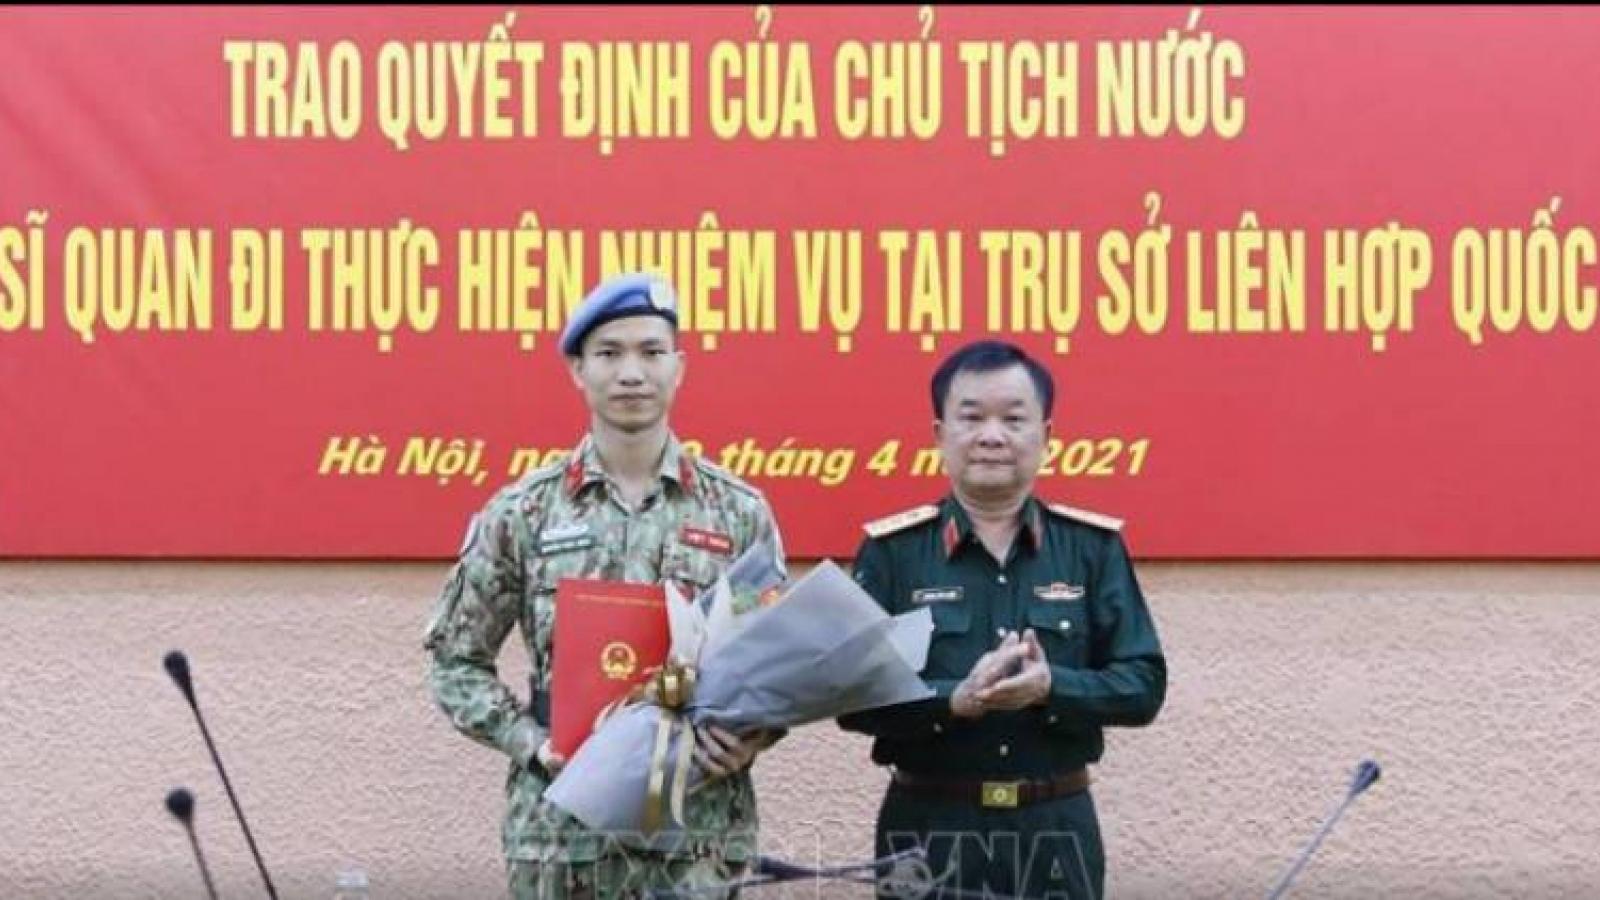 Third Vietnamese officer to work at UN Headquarters